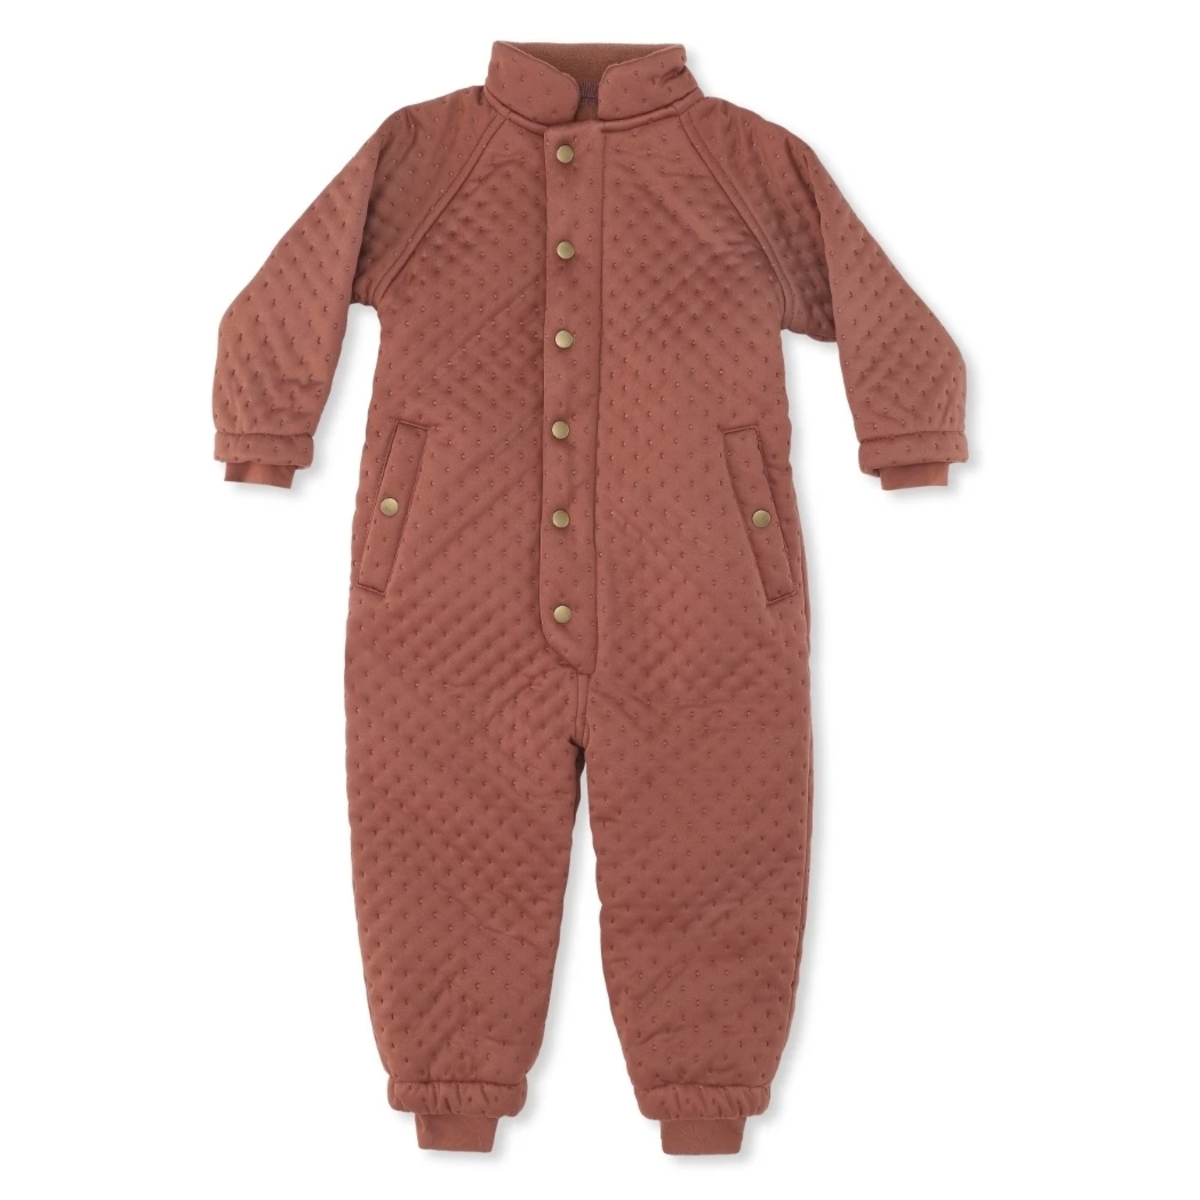 Robe & combinaison Combinaison Chaude Déperlante Cedar Wood - 12/18 Mois Combinaison Chaude Déperlante Cedar Wood - 12/18 Mois